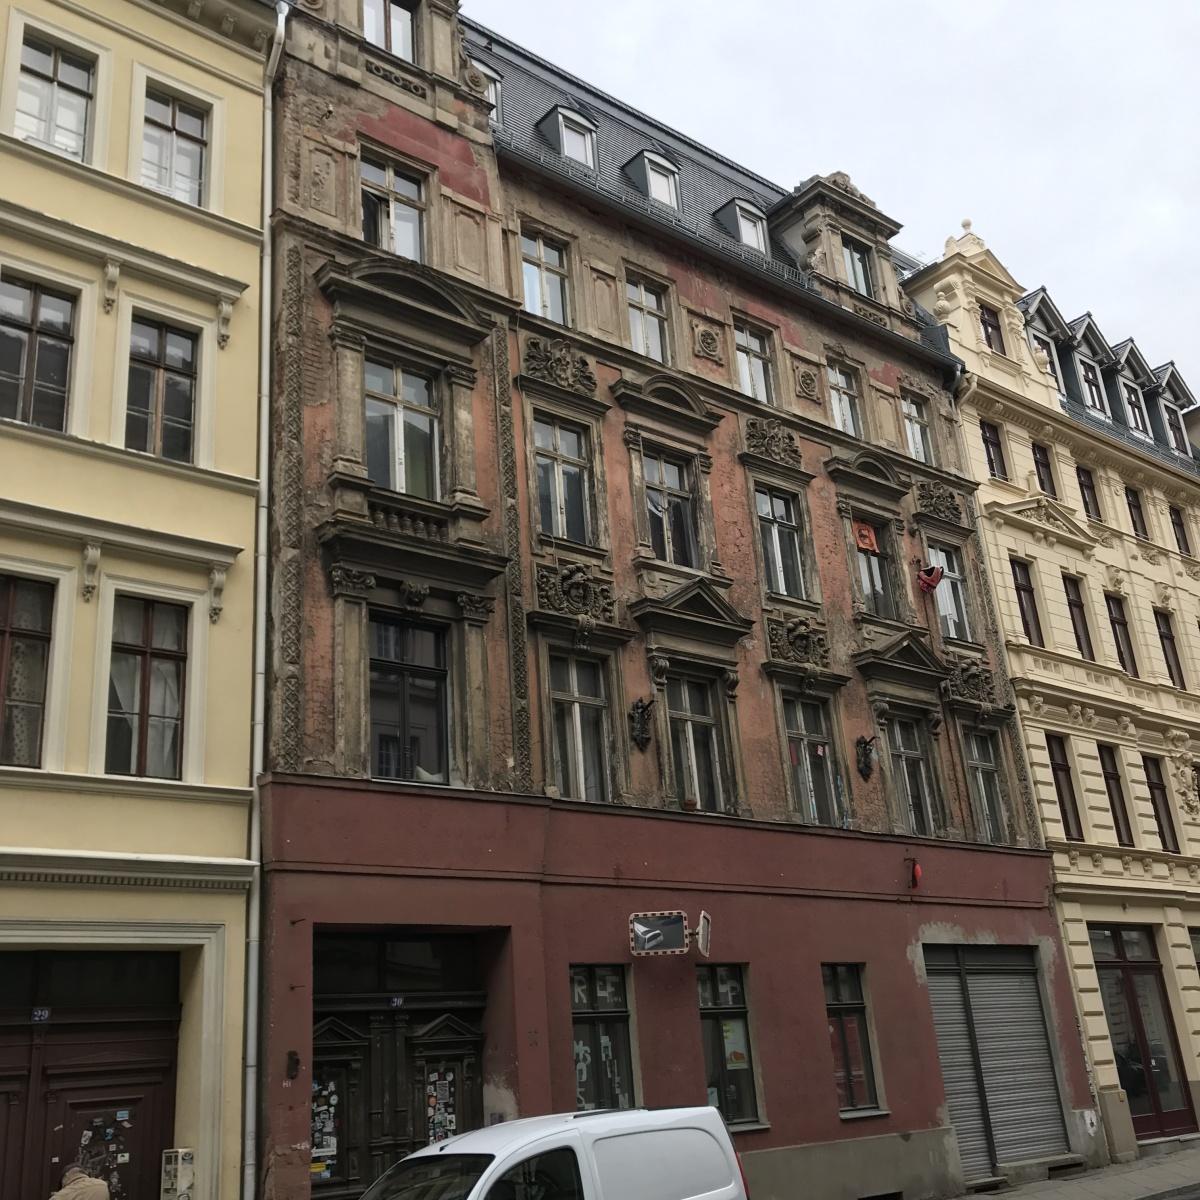 Hospitalstrasse